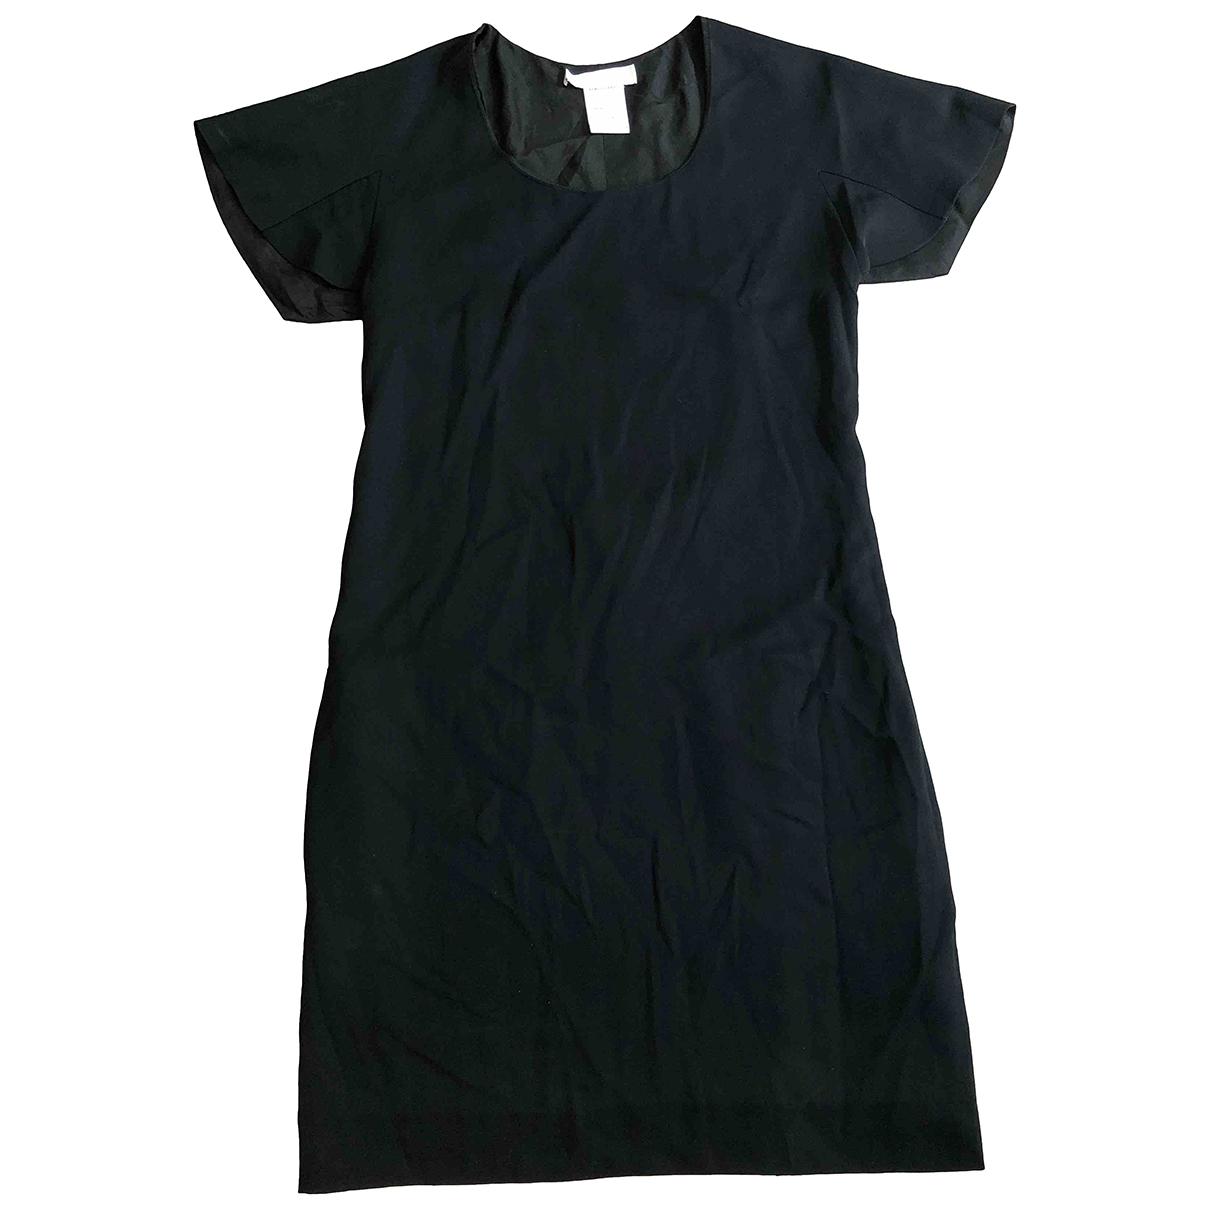 Chloé \N Black dress for Women 36 FR